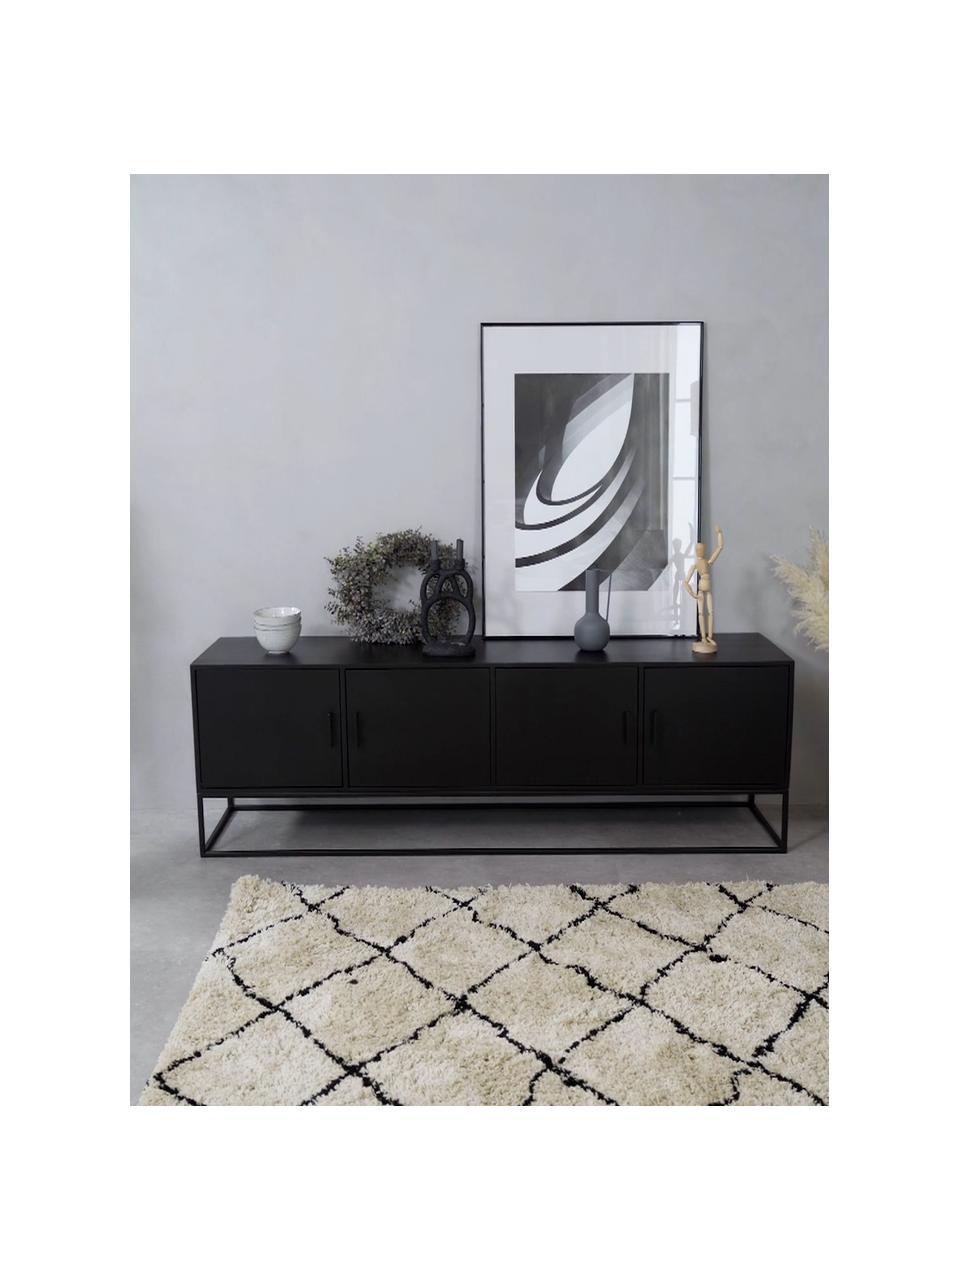 Szafka niska z litego drewna  mangowego Lyle, Korpus: lite drewno mangowe, laki, Drewno mangowe, czarny lakierowany, S 180 x D 60 cm